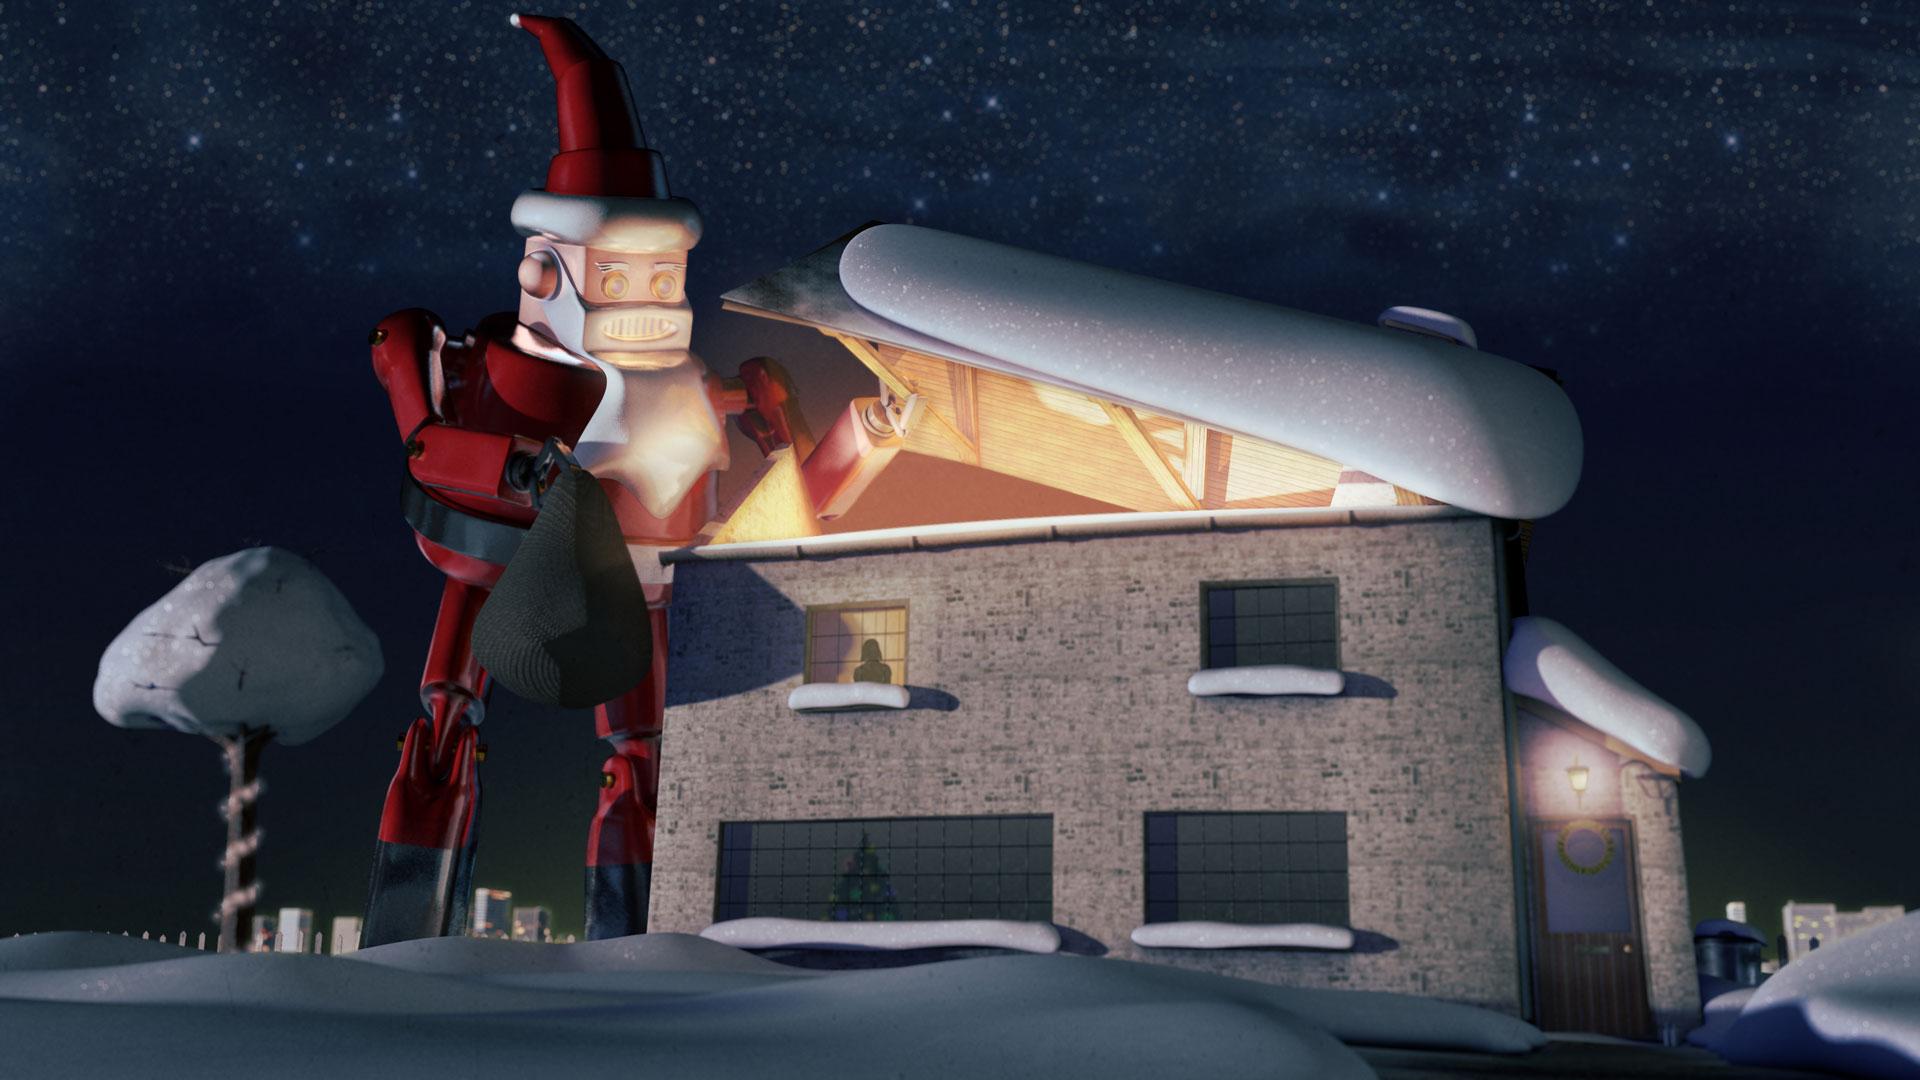 Robo Claus